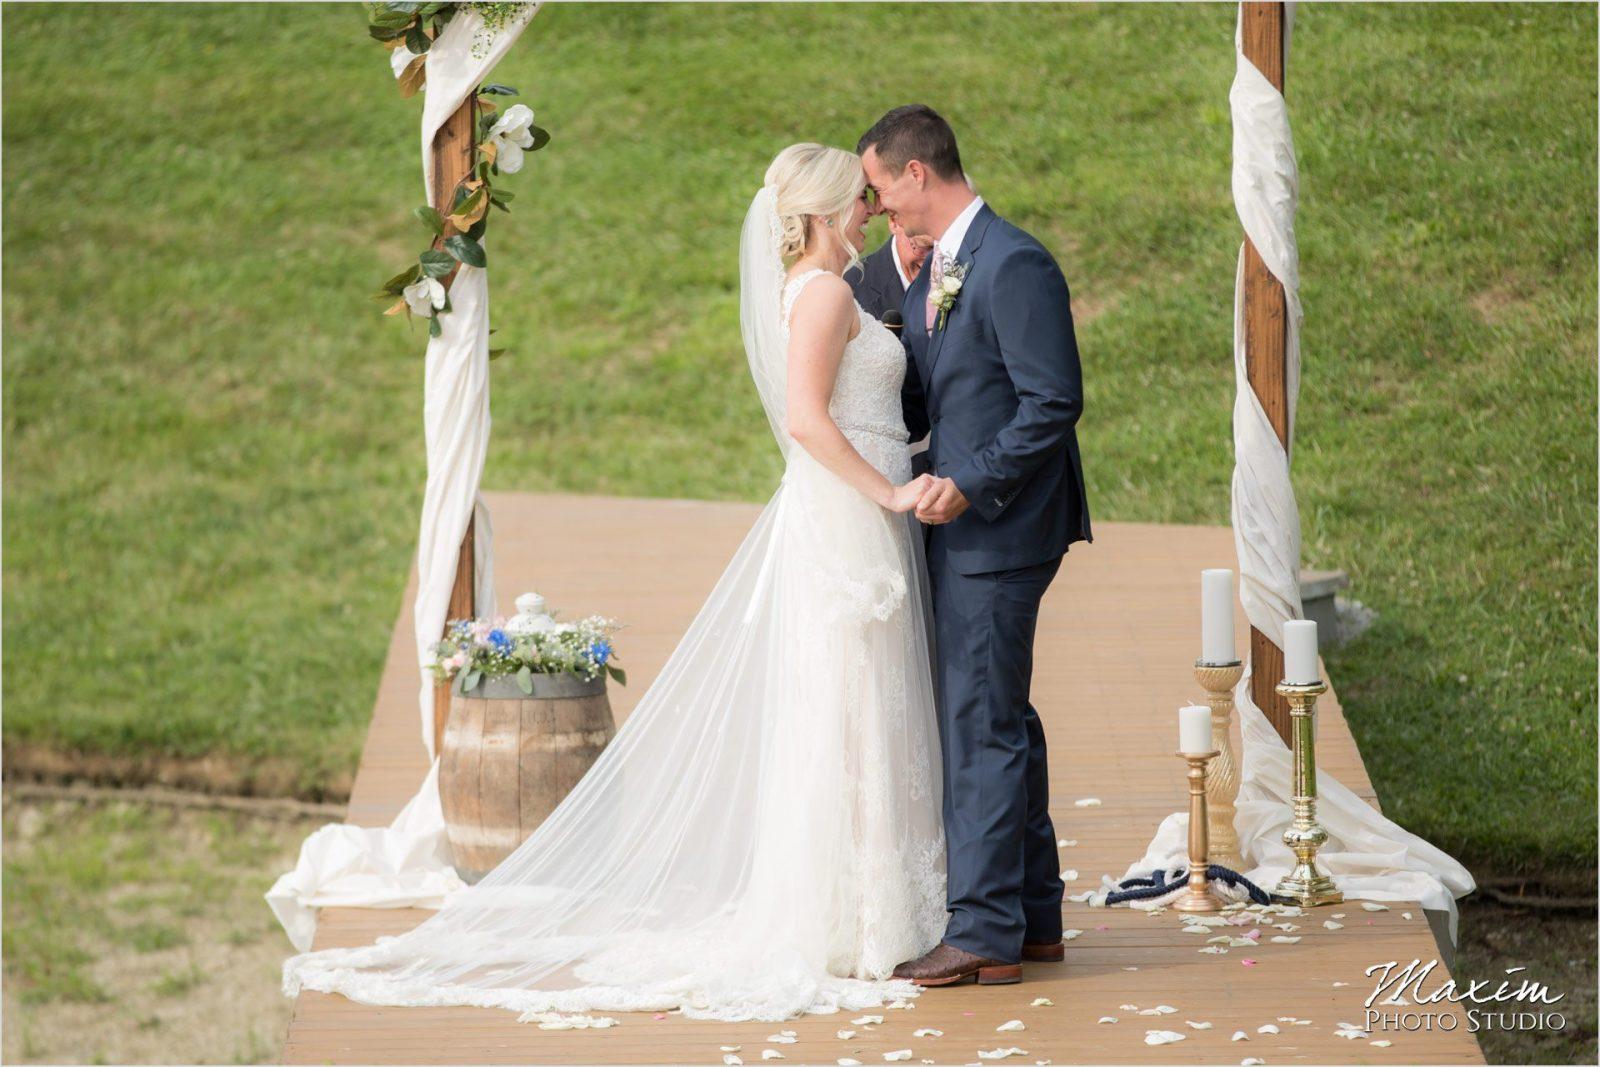 Ohio horse countryside wedding lake dock ceremony